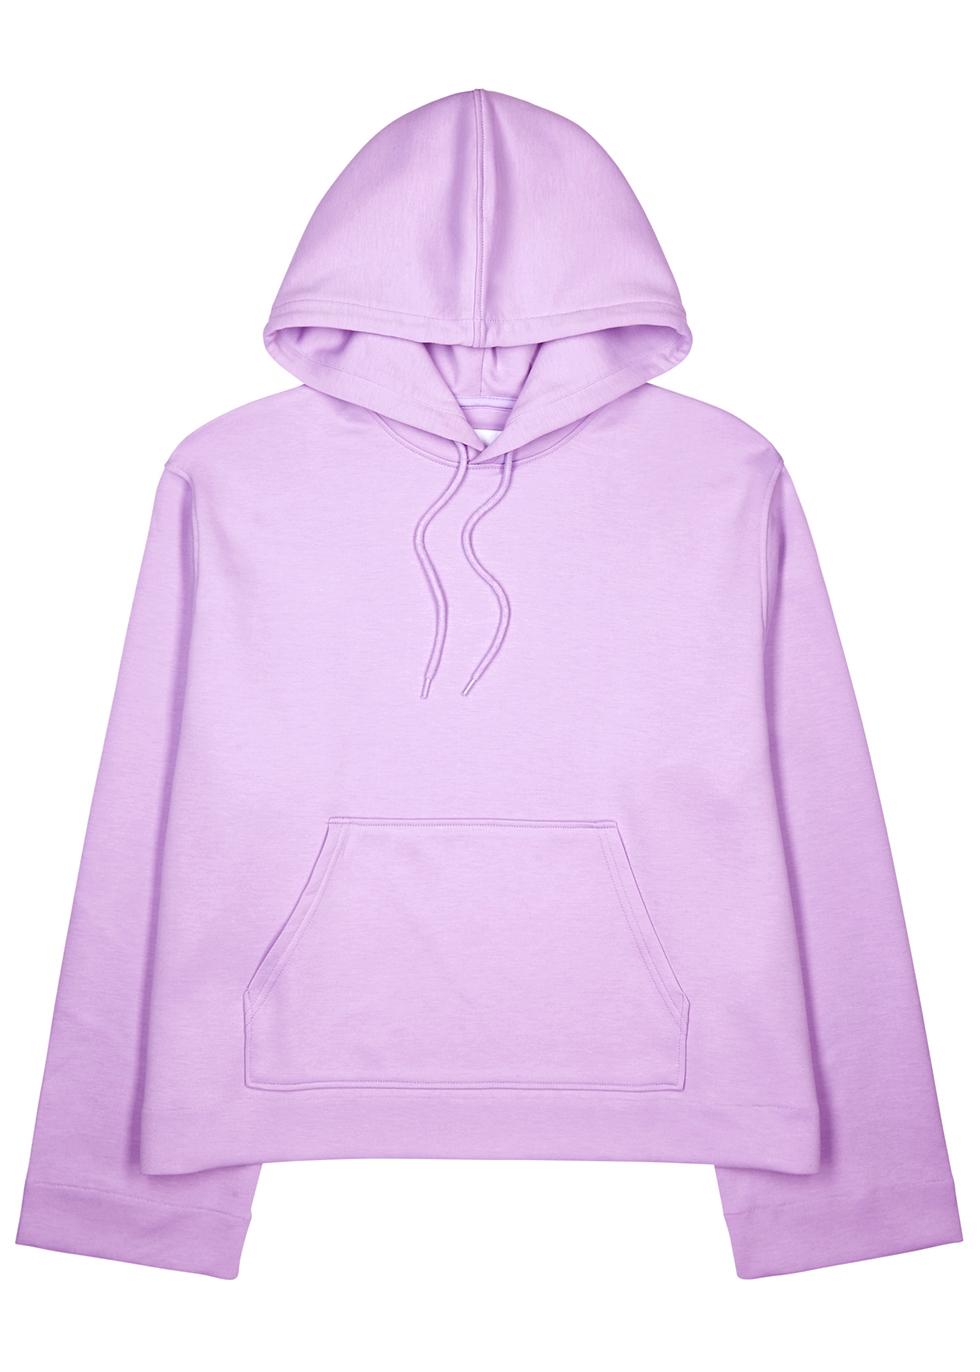 Suze hooded jersey sweatshirt - Samsøe & Samsøe